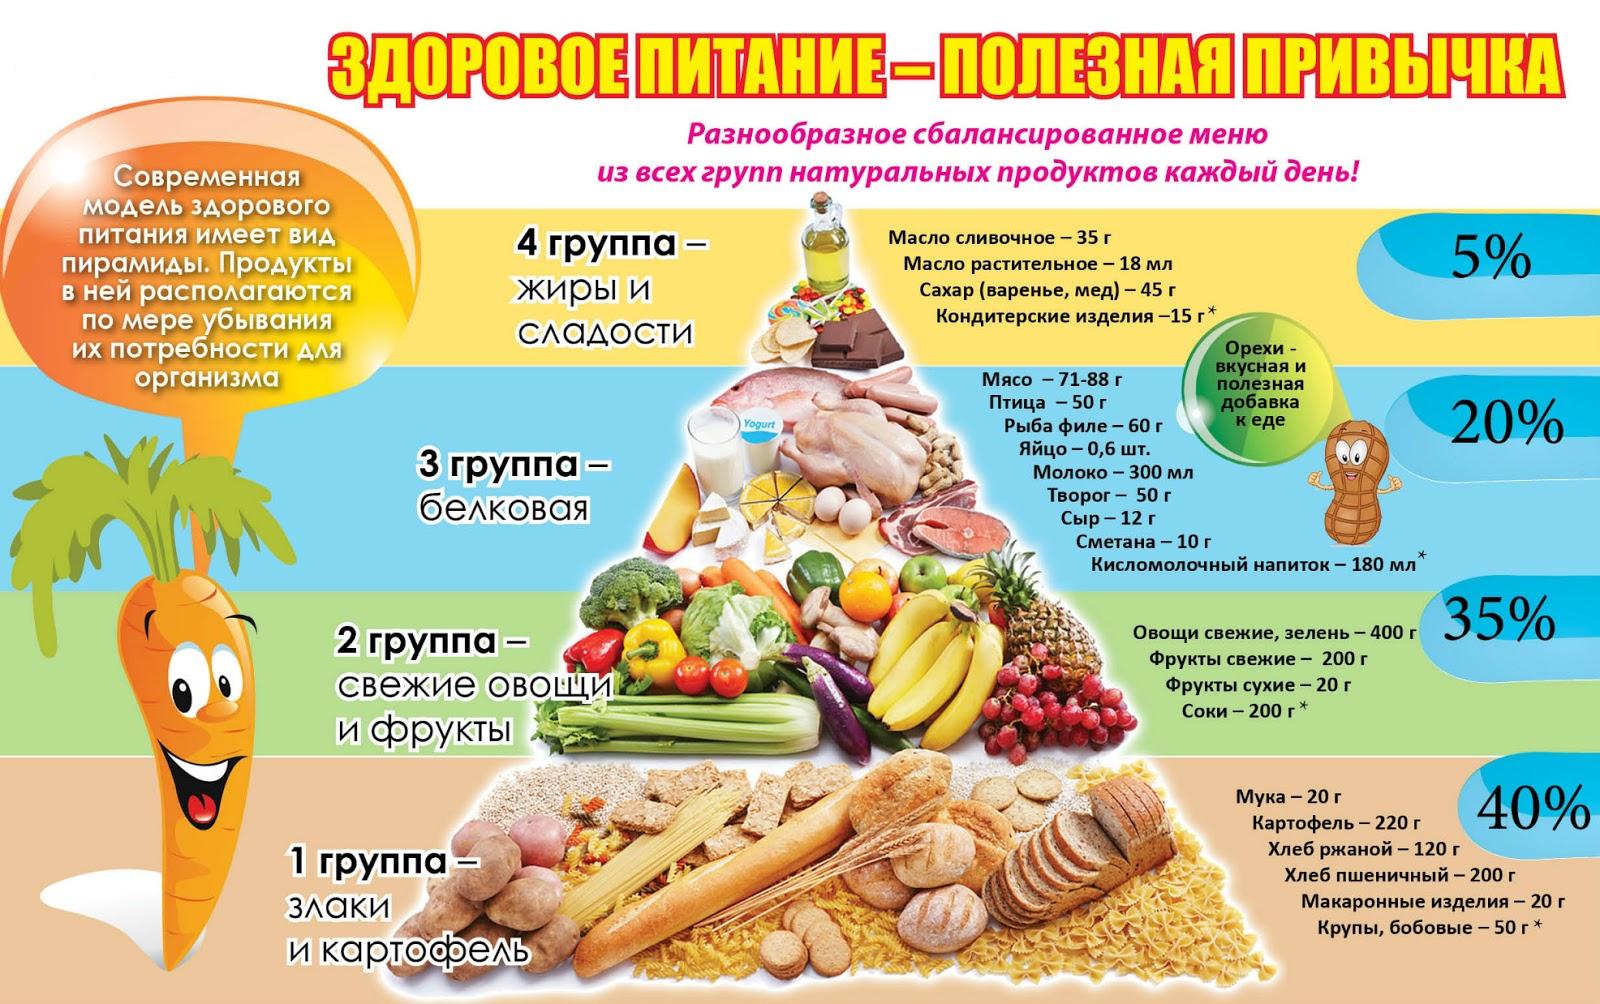 Сайт здорового питания конкурс